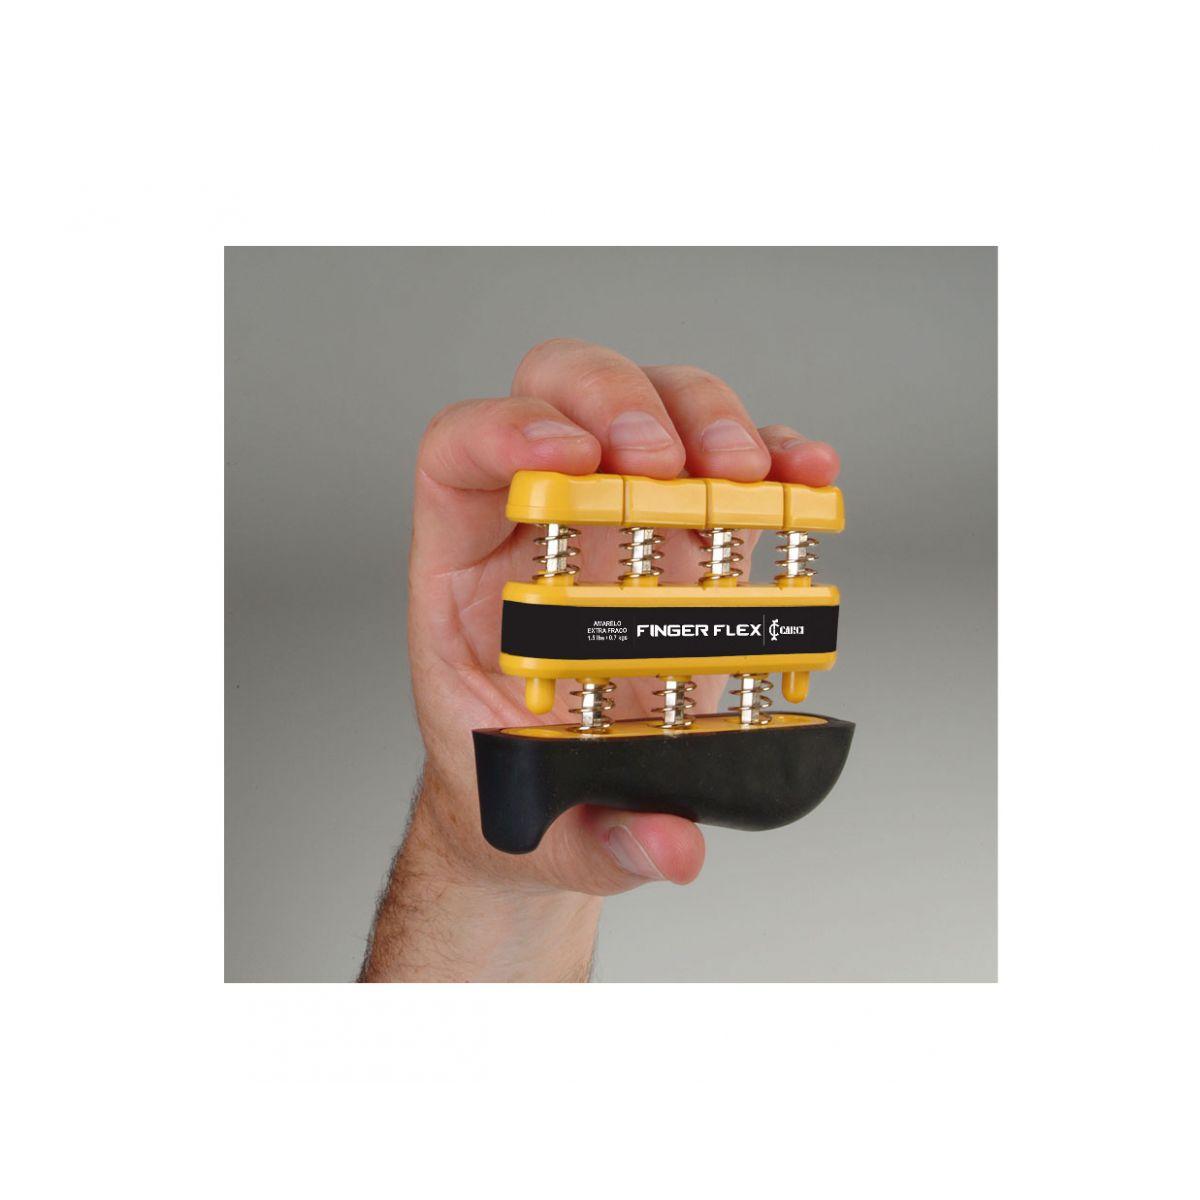 Finger Flex Vermelho: 3.0 lbs - 1,4 kg